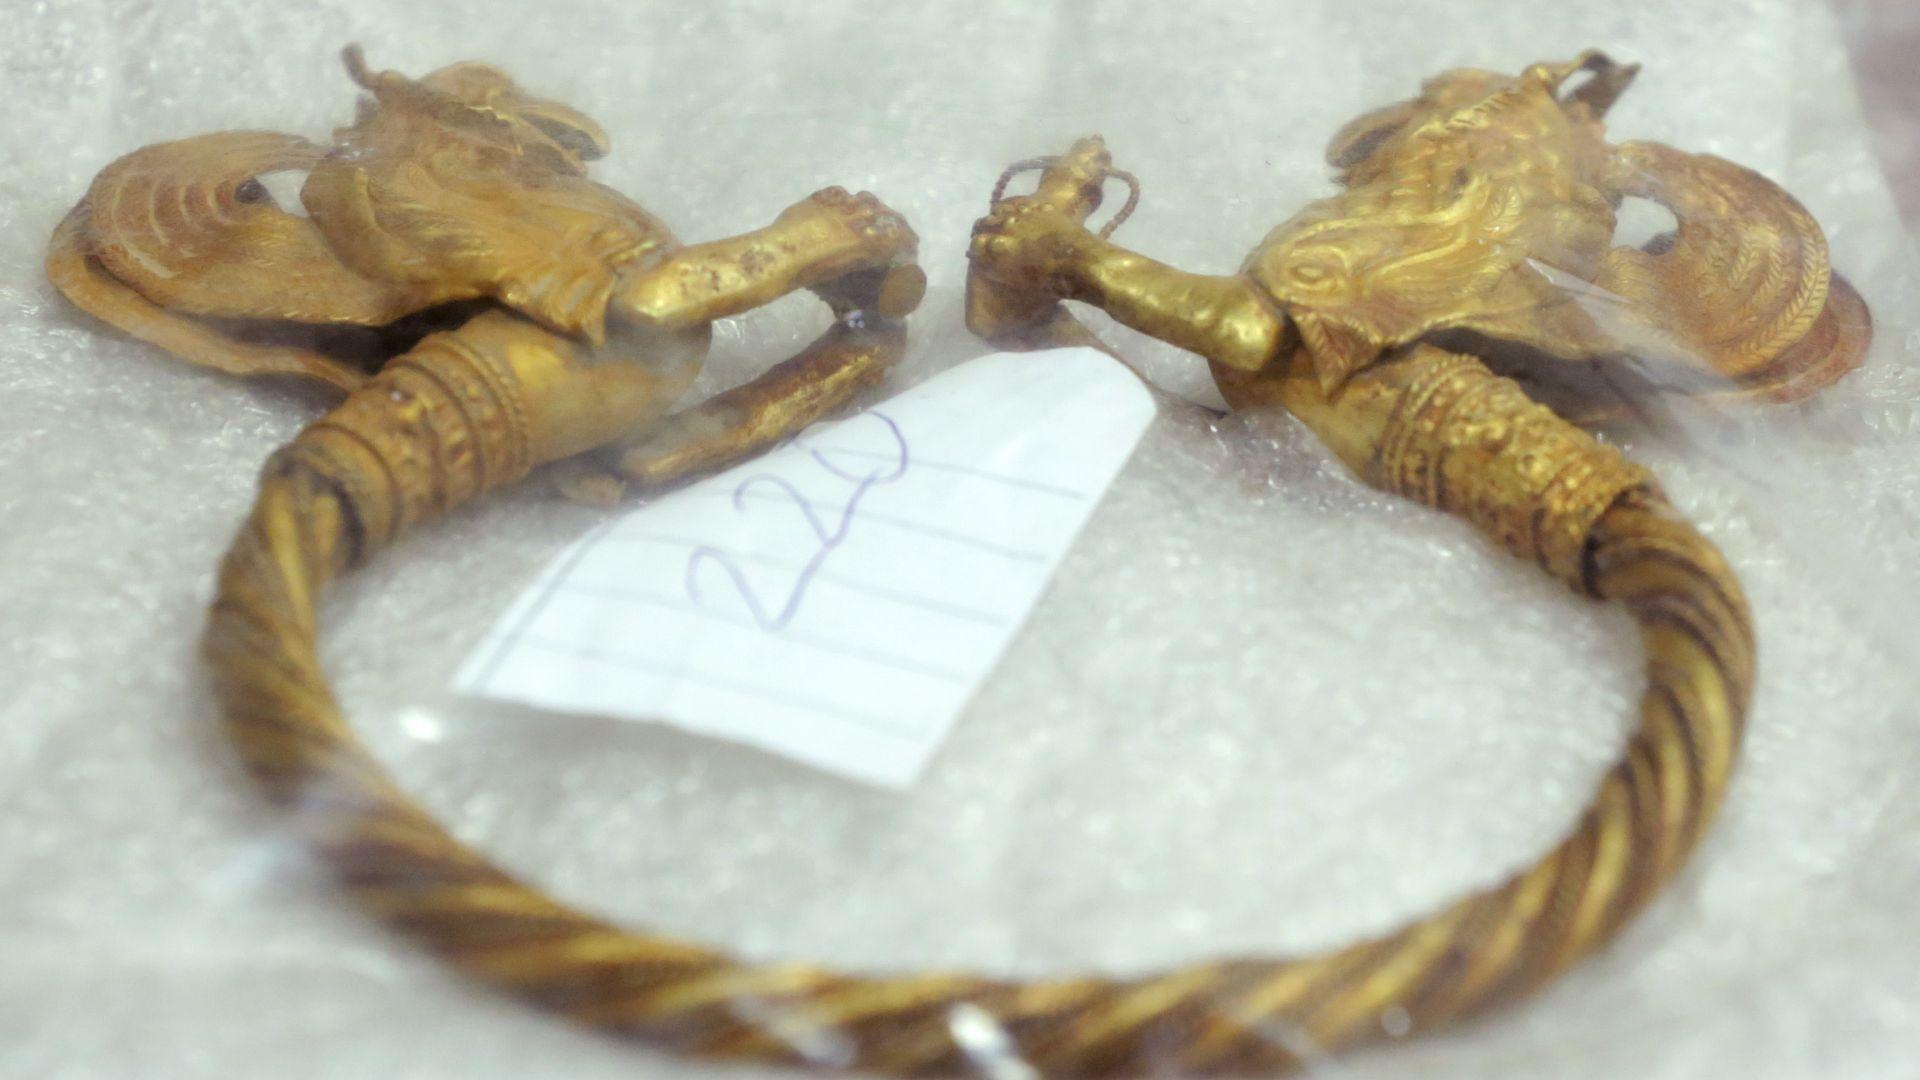 Обвиняем иманяр: Златното съкровище е фалшиво, аз го направих